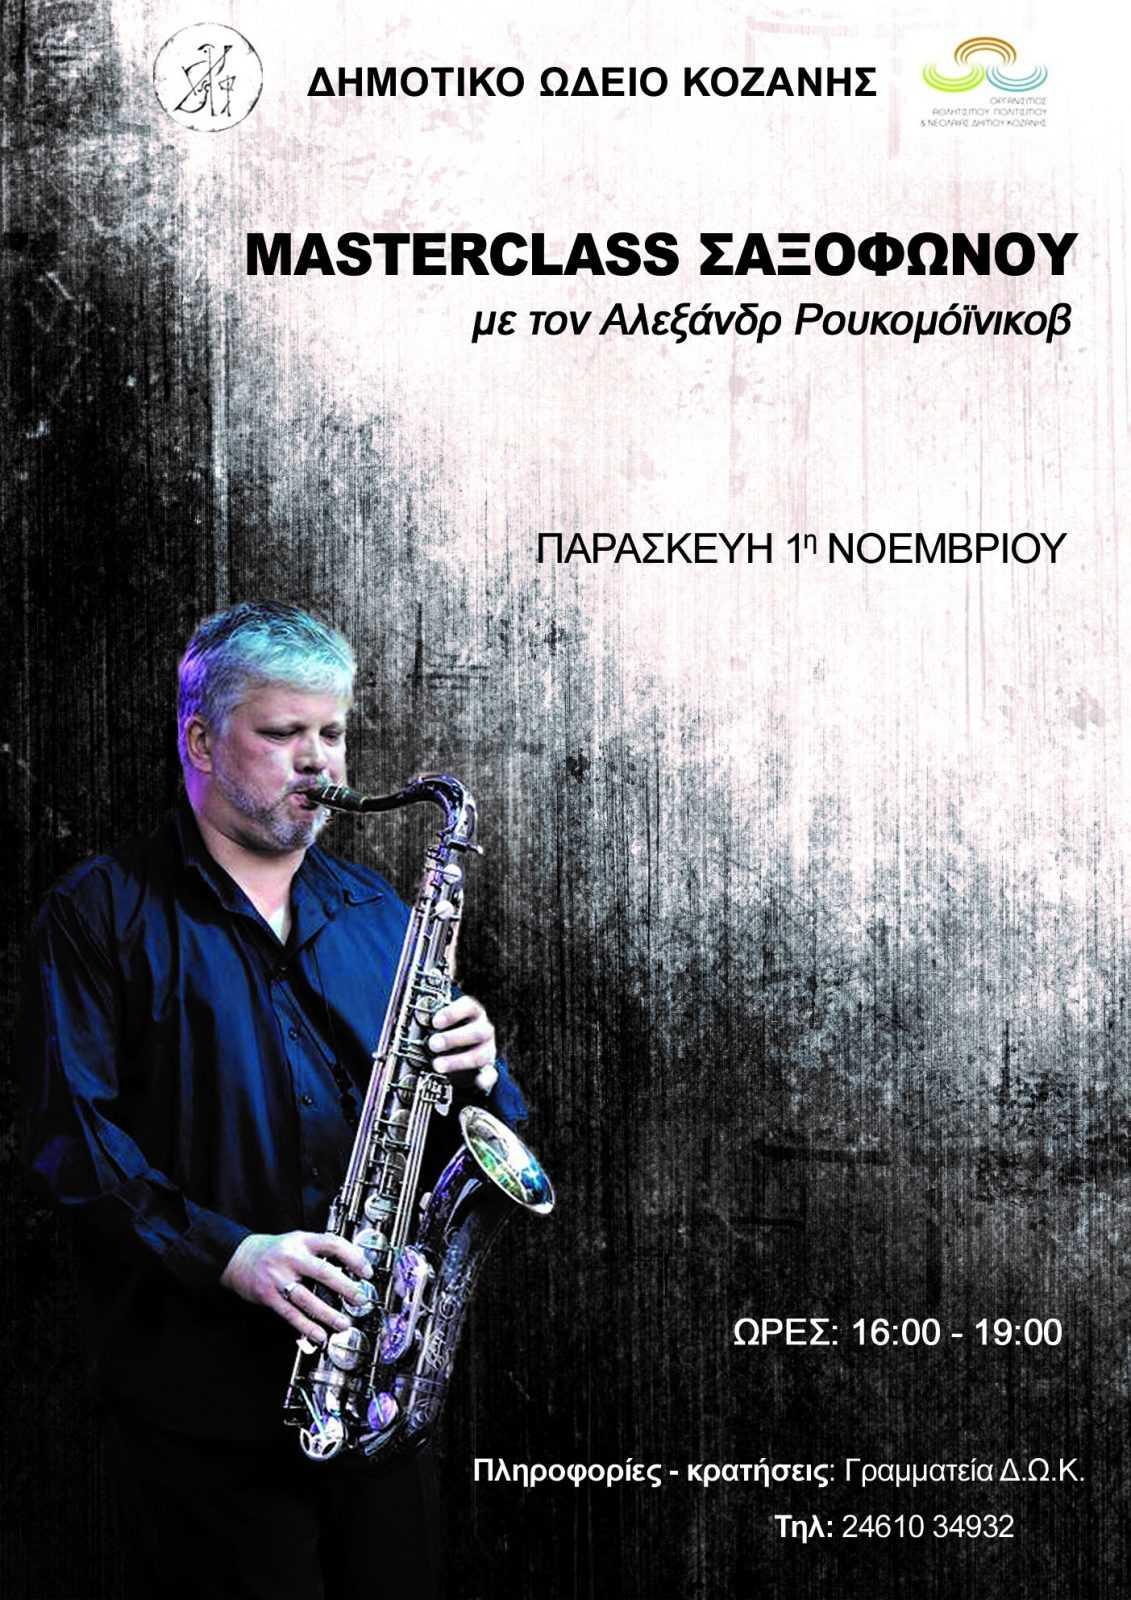 Το Δημοτικό Ωδείο Κοζάνης διοργανώνει Masterclass Σαξοφώνου με καλεσμένο τον διεθνούς φήμης Ουκρανό Σαξοφωνίστα Αλεξάνδρ Ρουκομόϊνικοβ